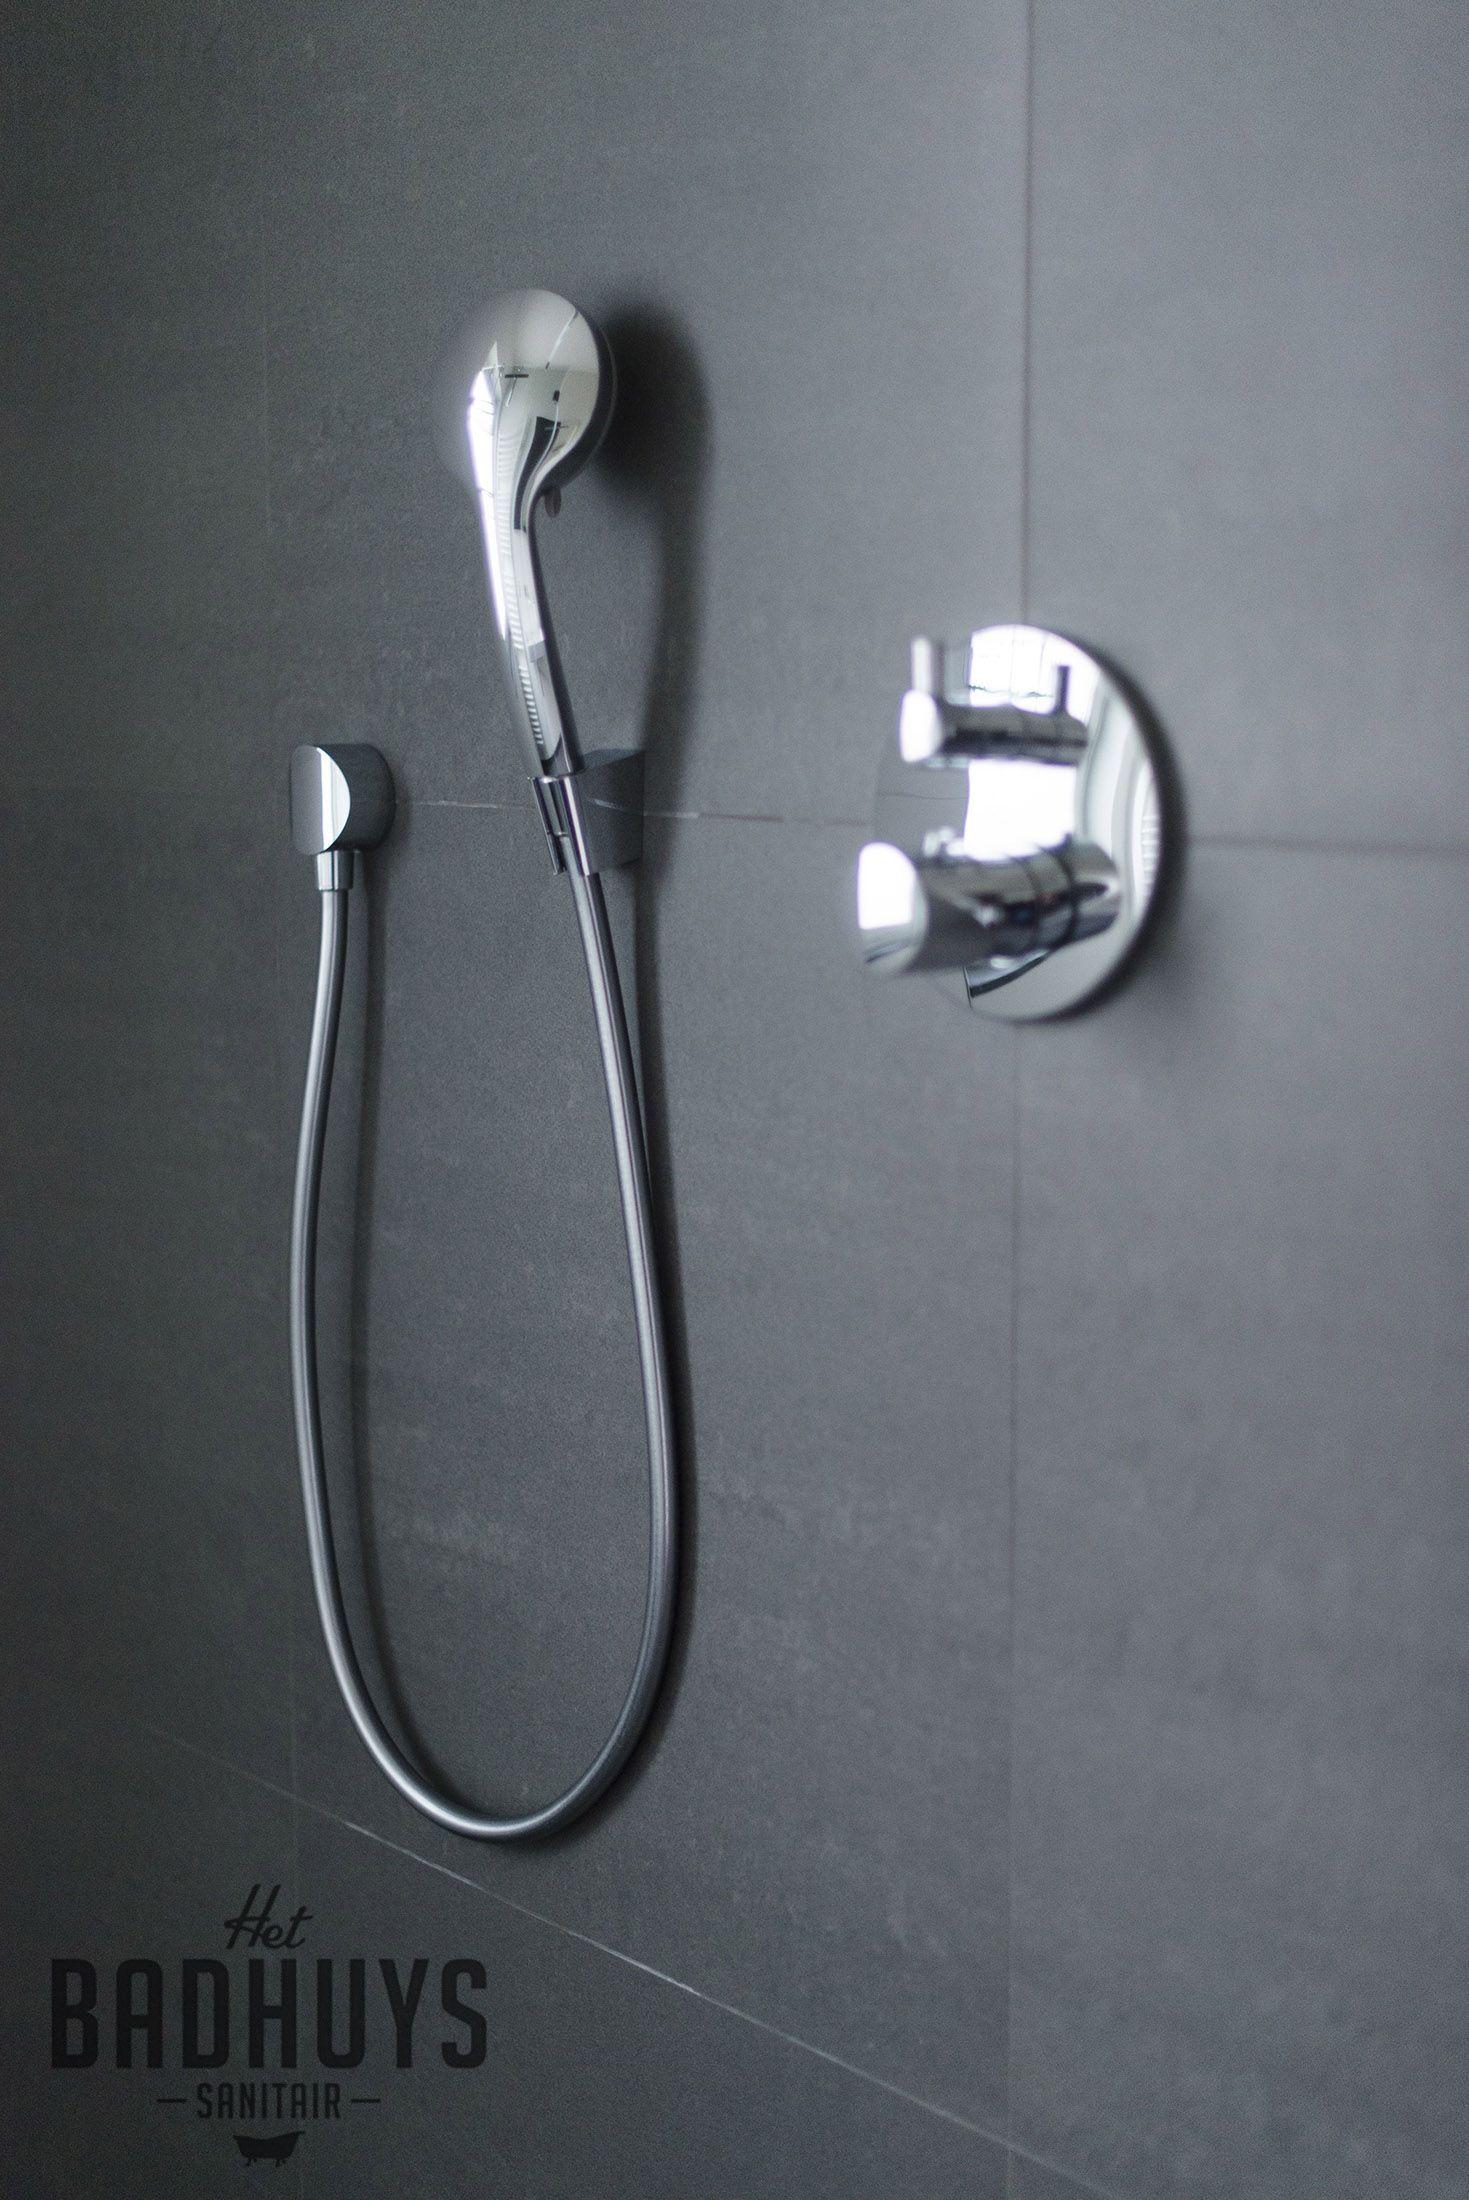 moderne badkamer met inloopdouche het badhuys breda het badhuys